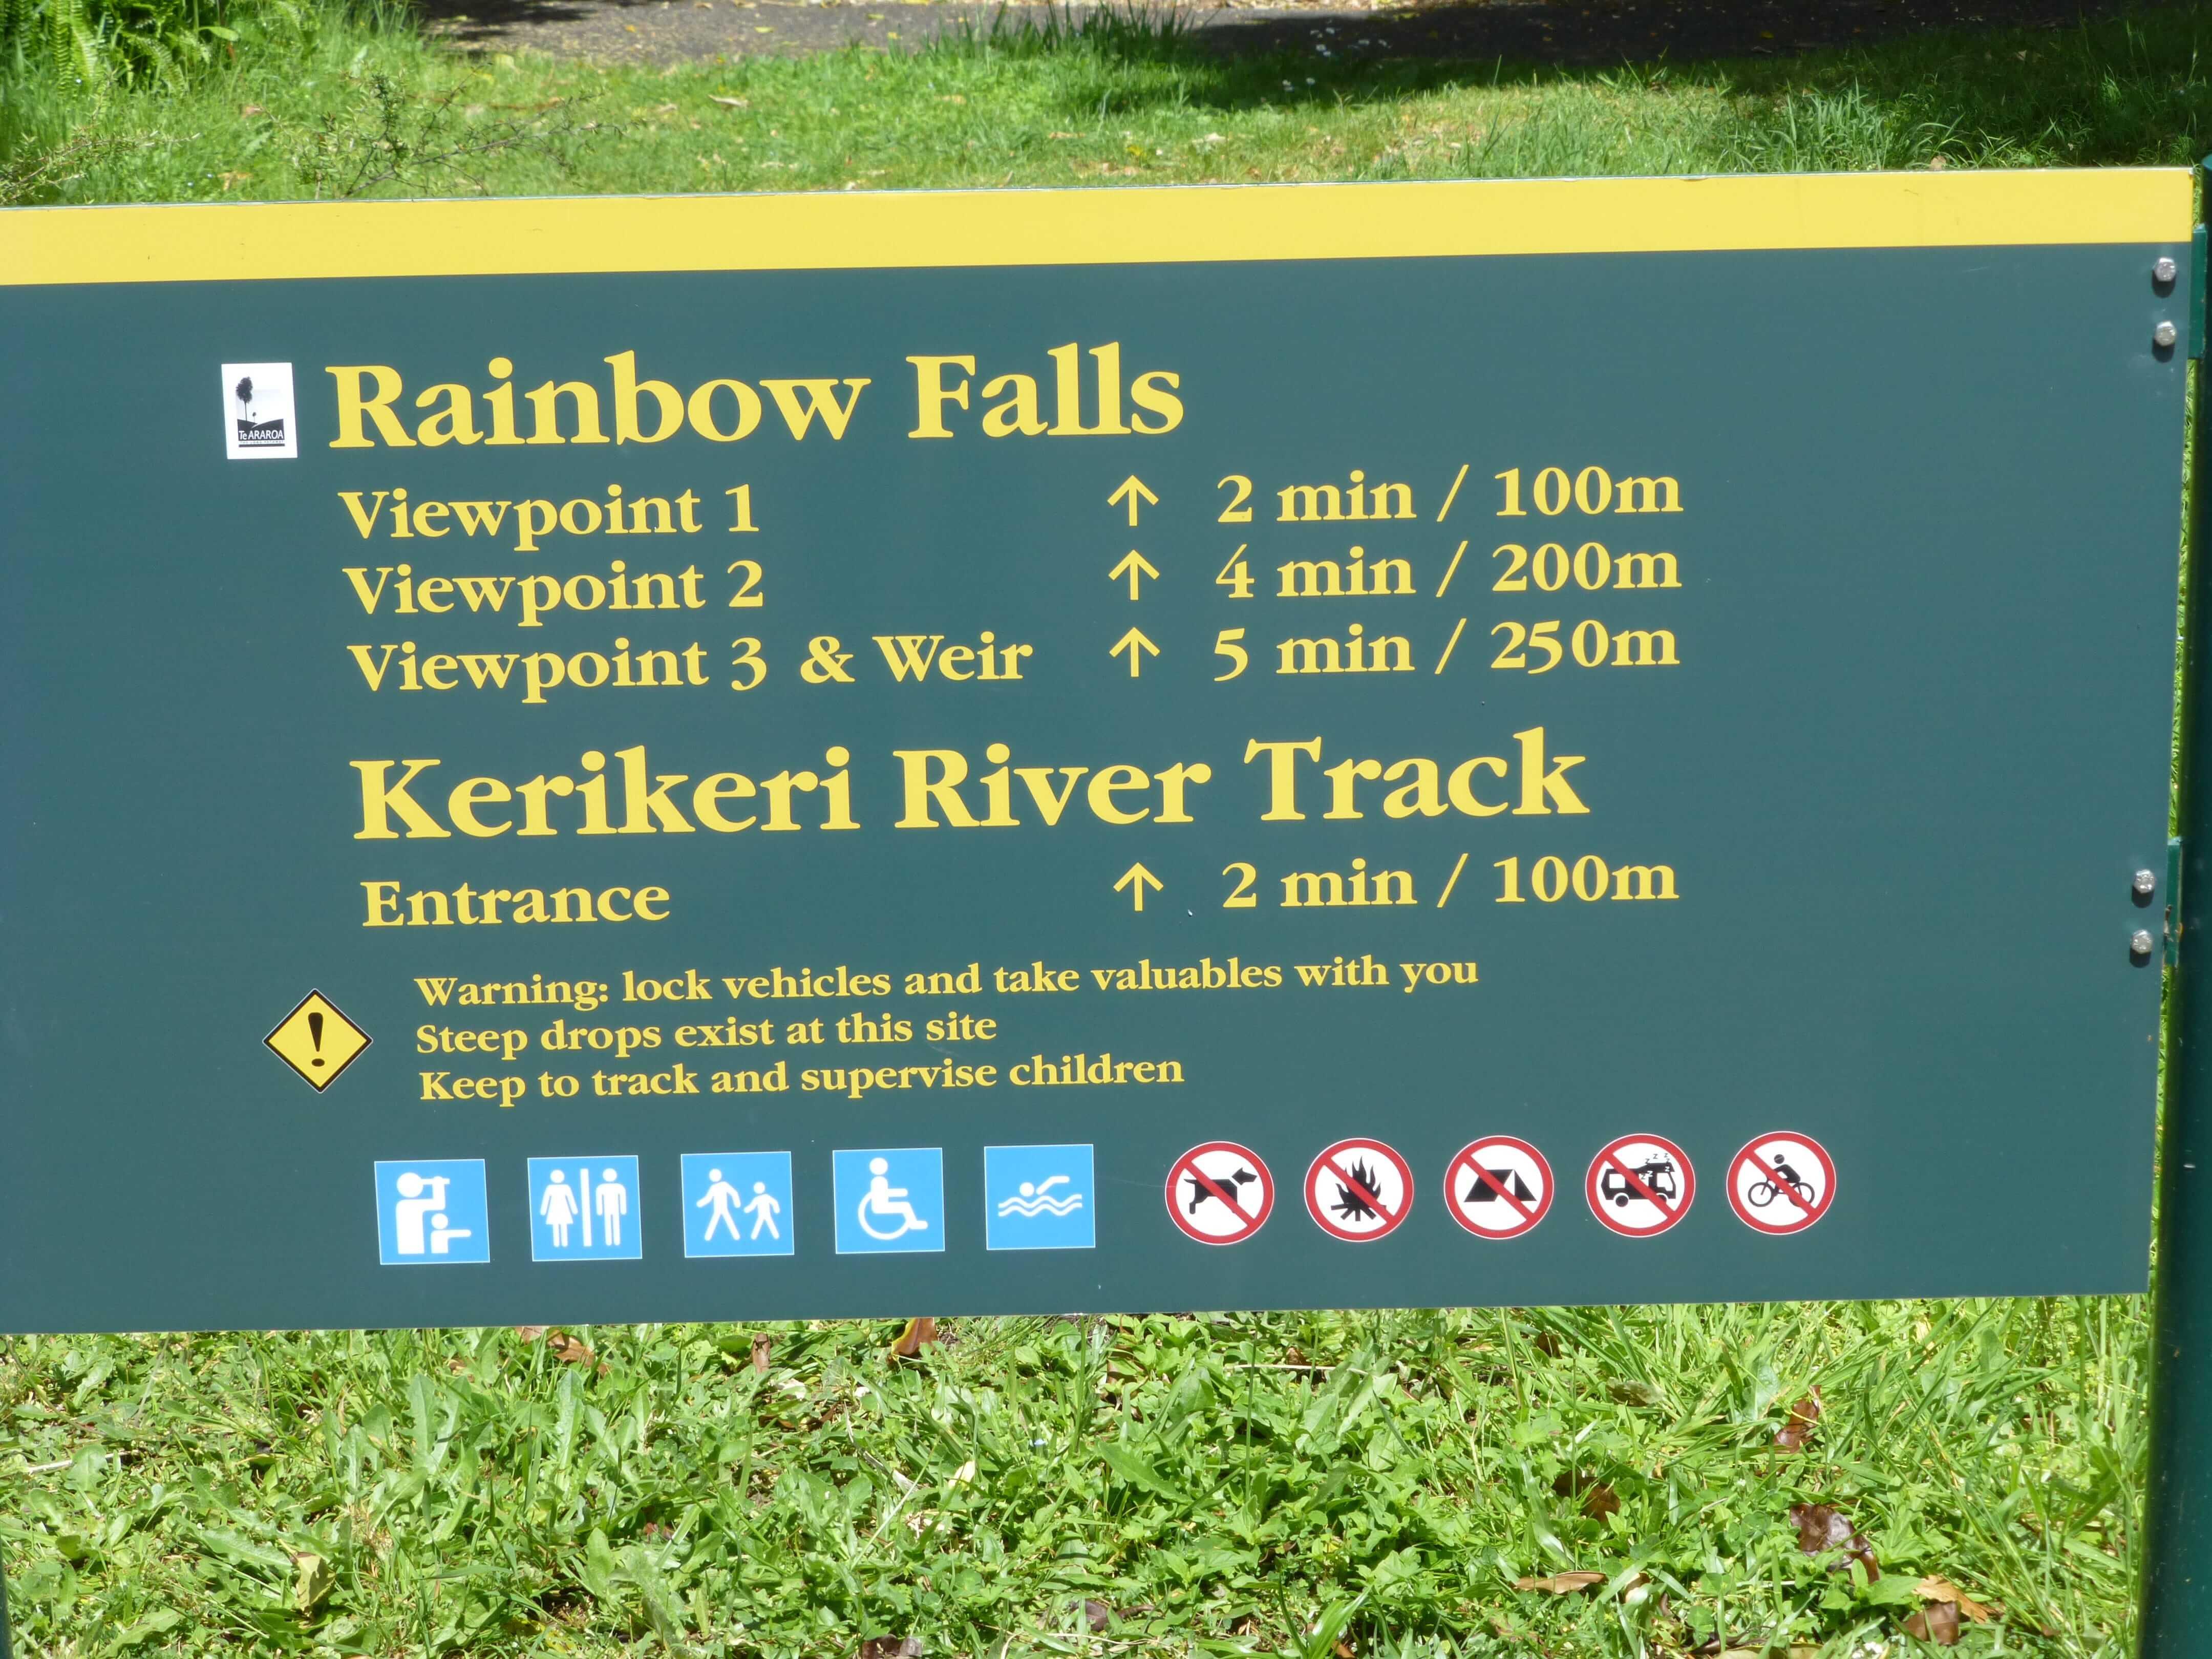 Weit weg Reisen, Rainbow Falls, Kerikeri 2